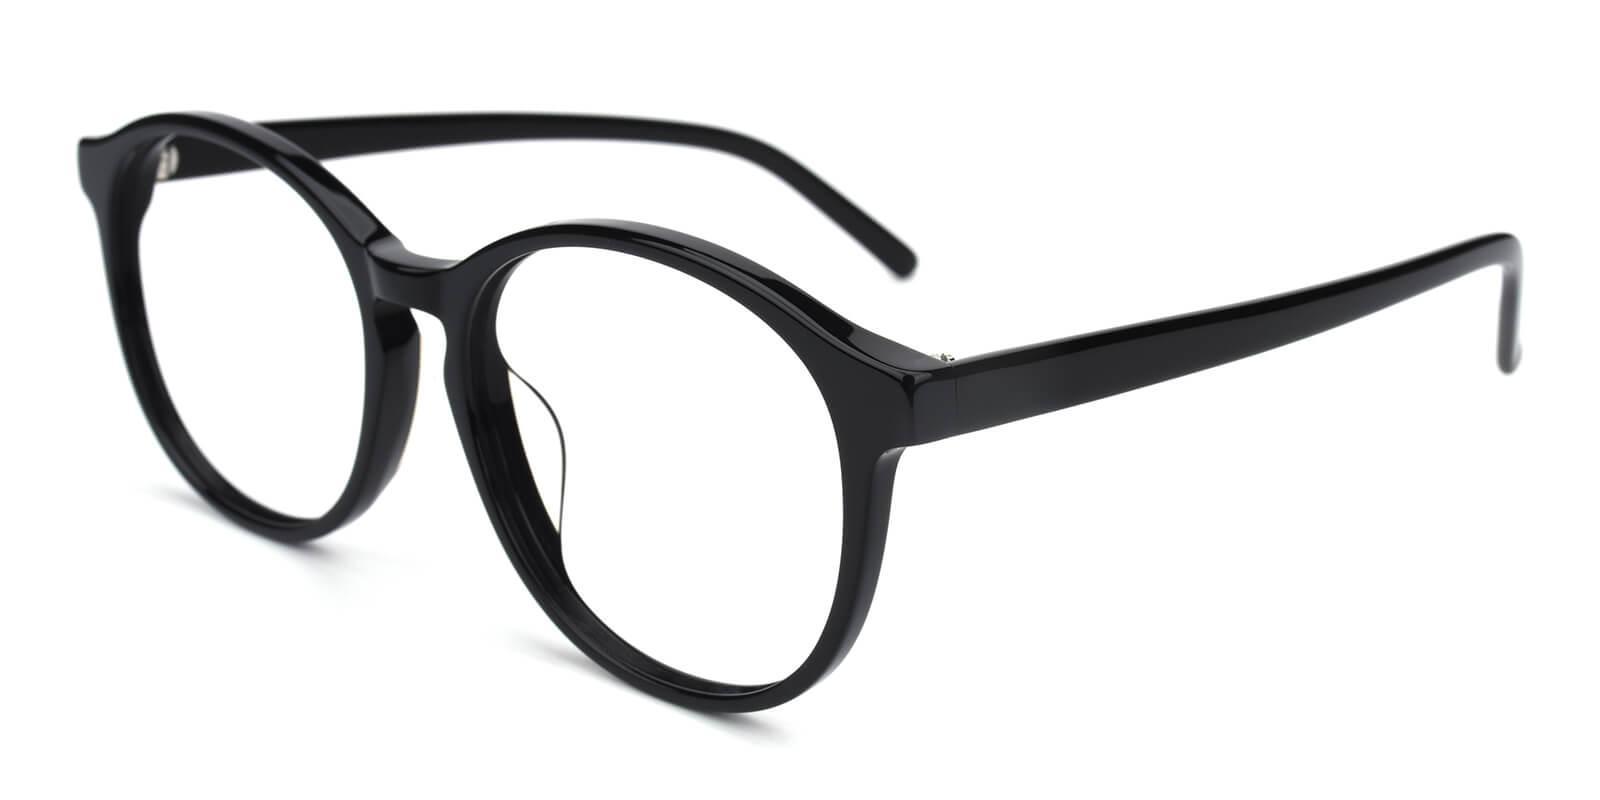 Havana-Black-Round-Acetate-Eyeglasses-additional1